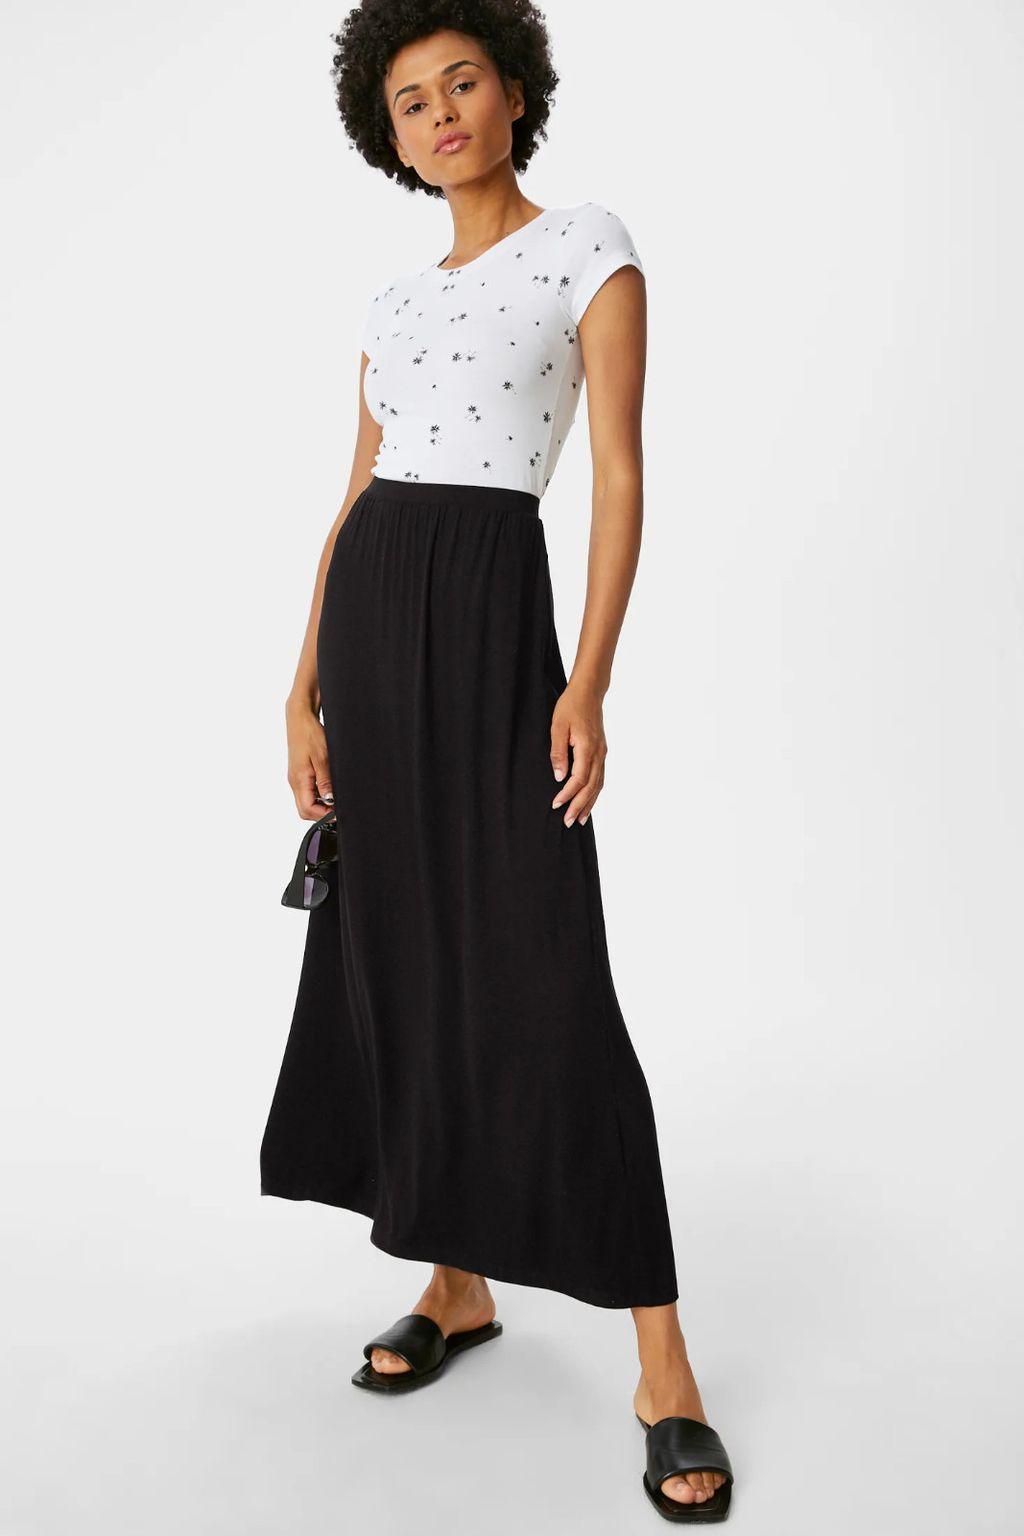 Crne suknje midi i maksi kroja iz trgovina - 2021. - 4